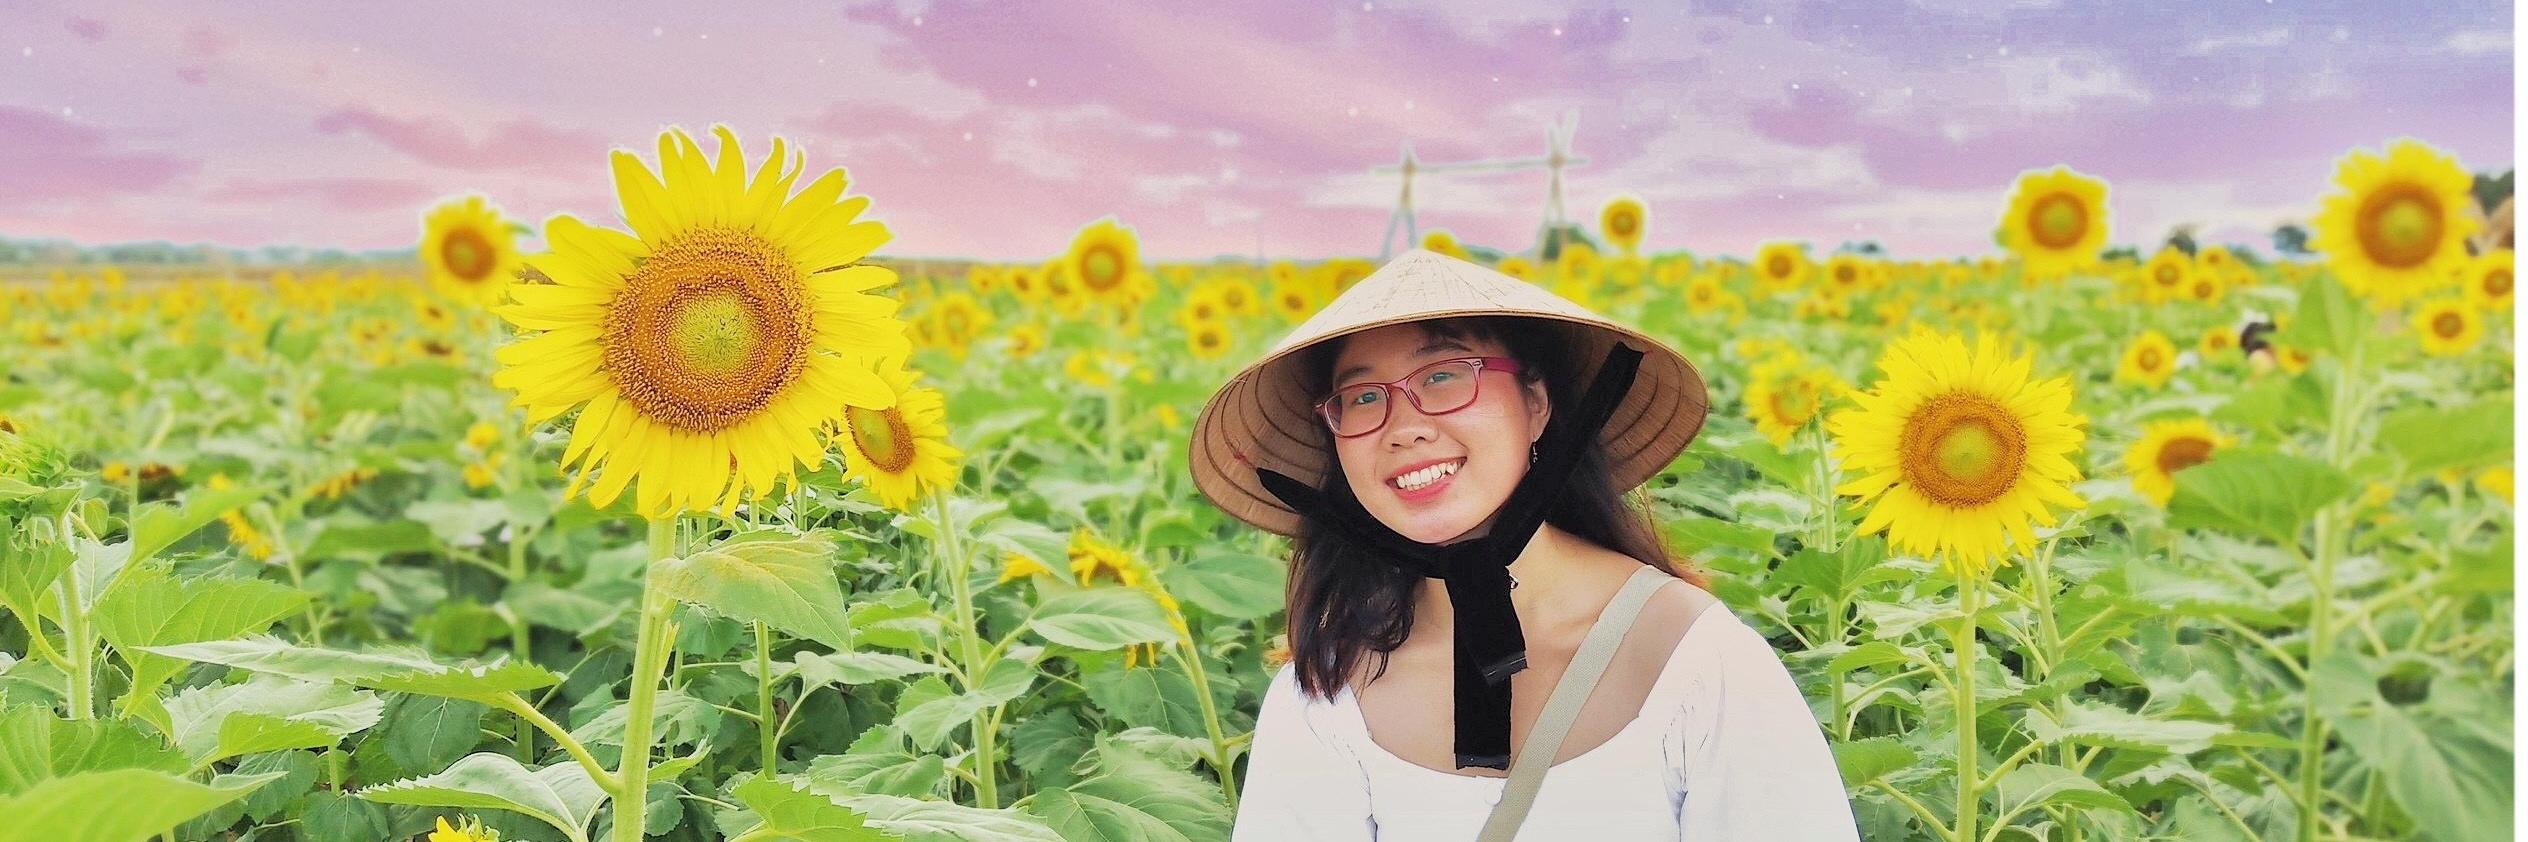 https://gody.vn/blog/congchua_mauhong803174/post/lac-vao-canh-dong-hoa-huong-duong-o-quang-nam-8047